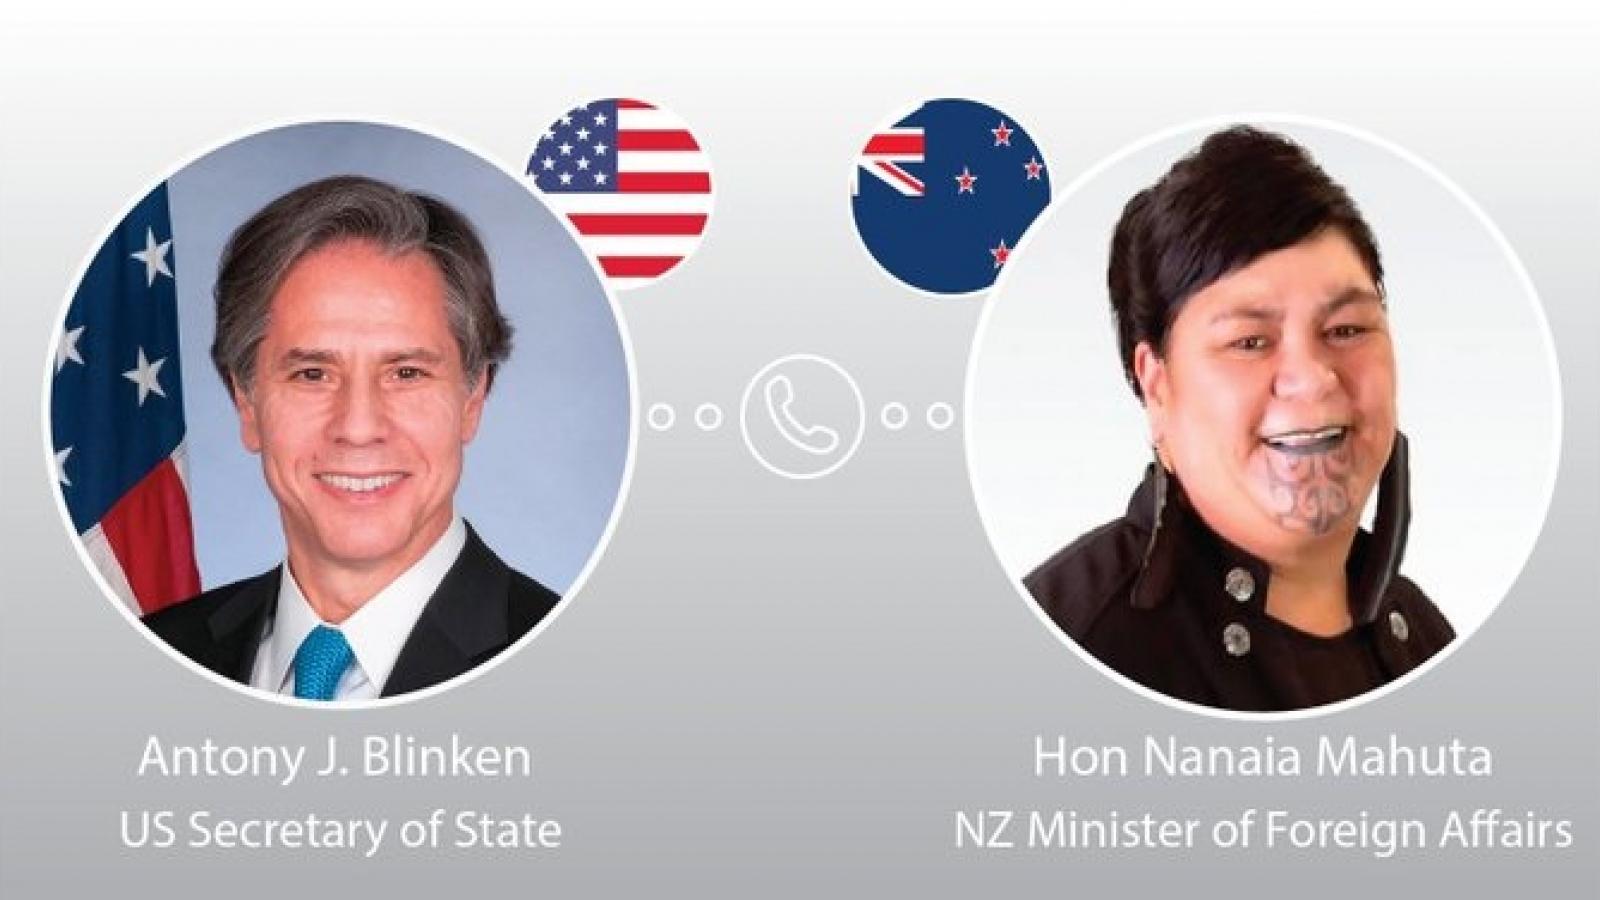 Mỹ và New Zealand cam kết thúc đẩy ổn định tại Ấn Độ Dương-Thái Bình Dương